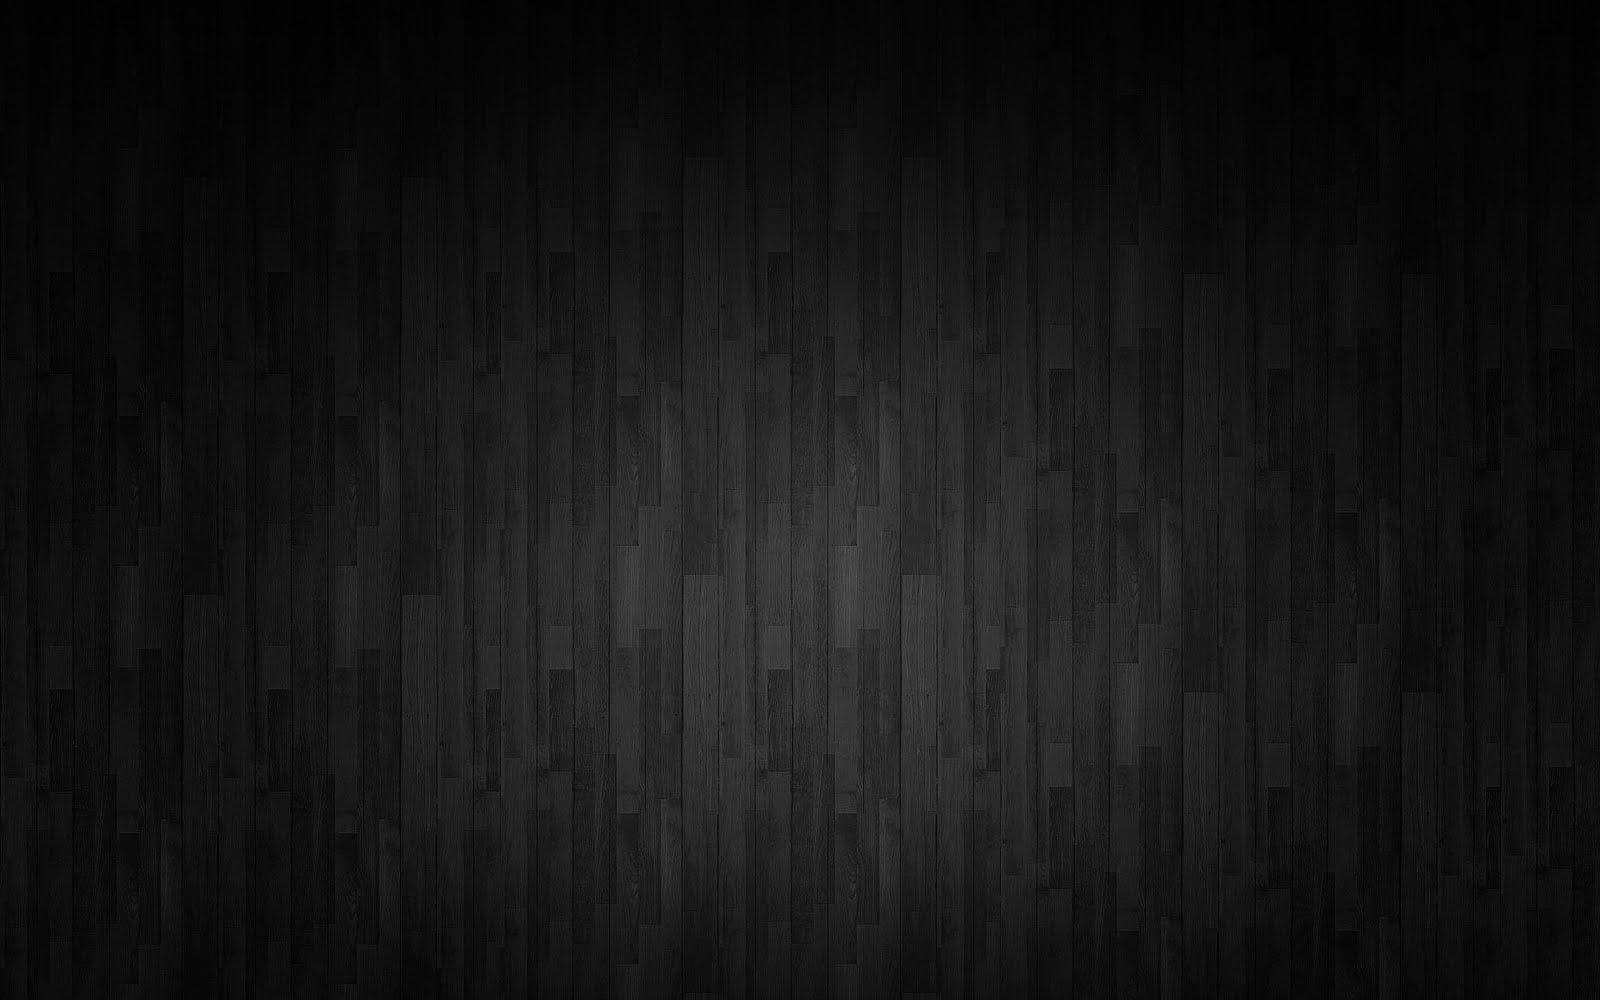 بالصور خلفيات خشب , اجمل الصور والخلفيات الخشبية 6120 3